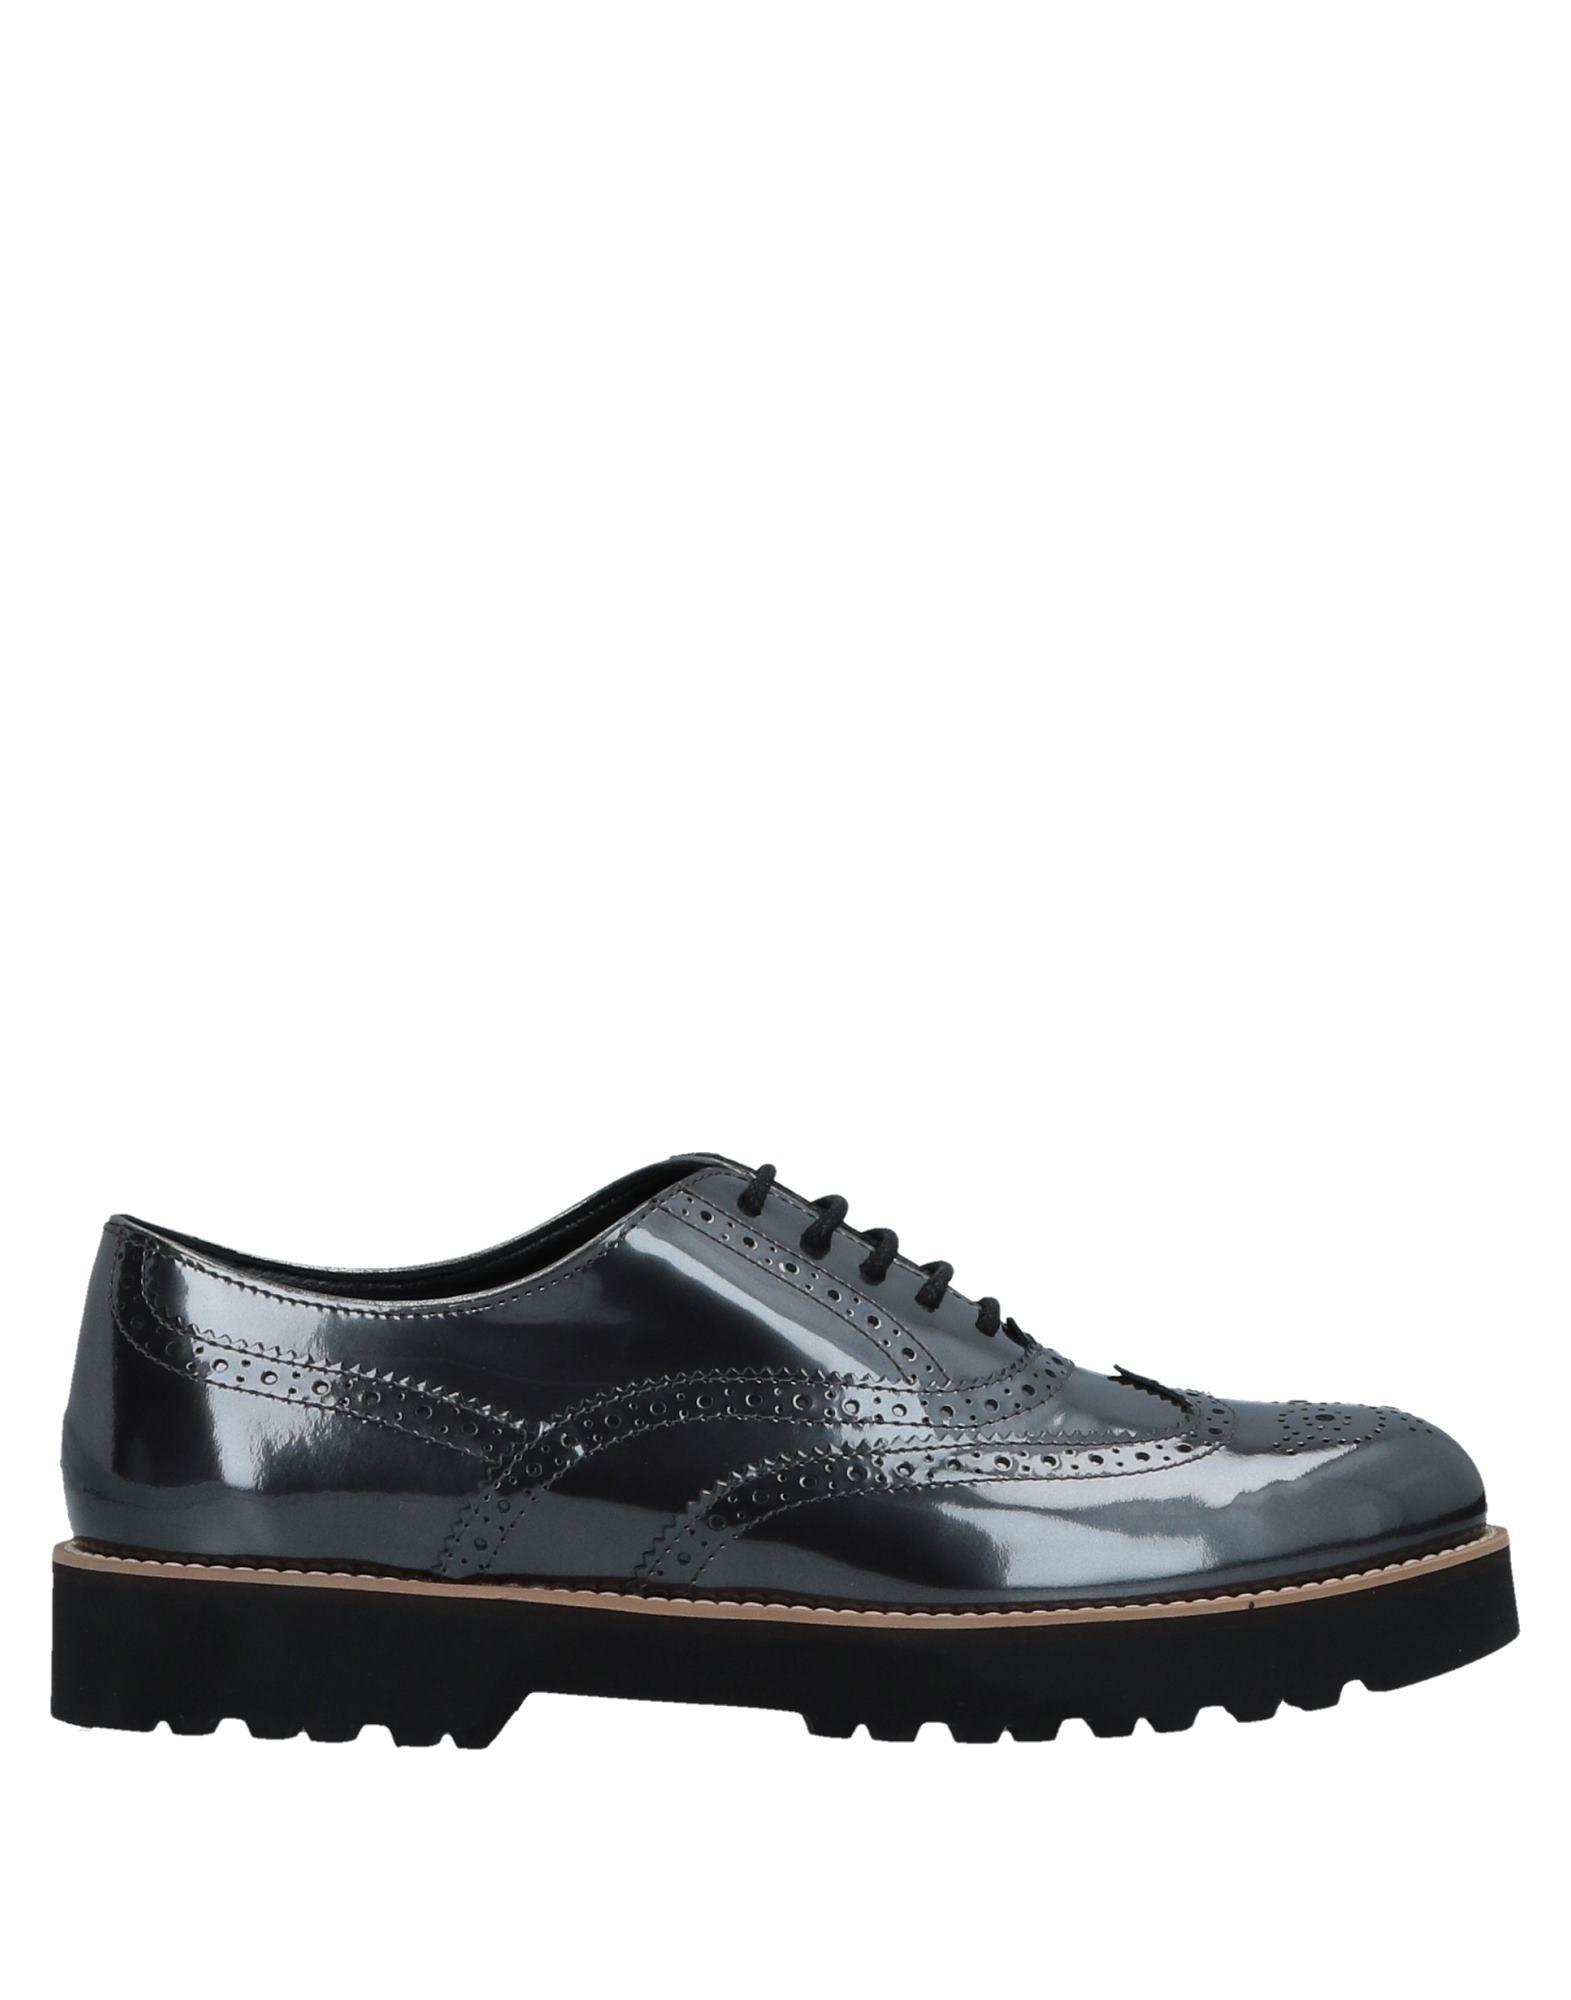 Rabatt Schuhe Hogan Schnürschuhe Damen  11516258TM